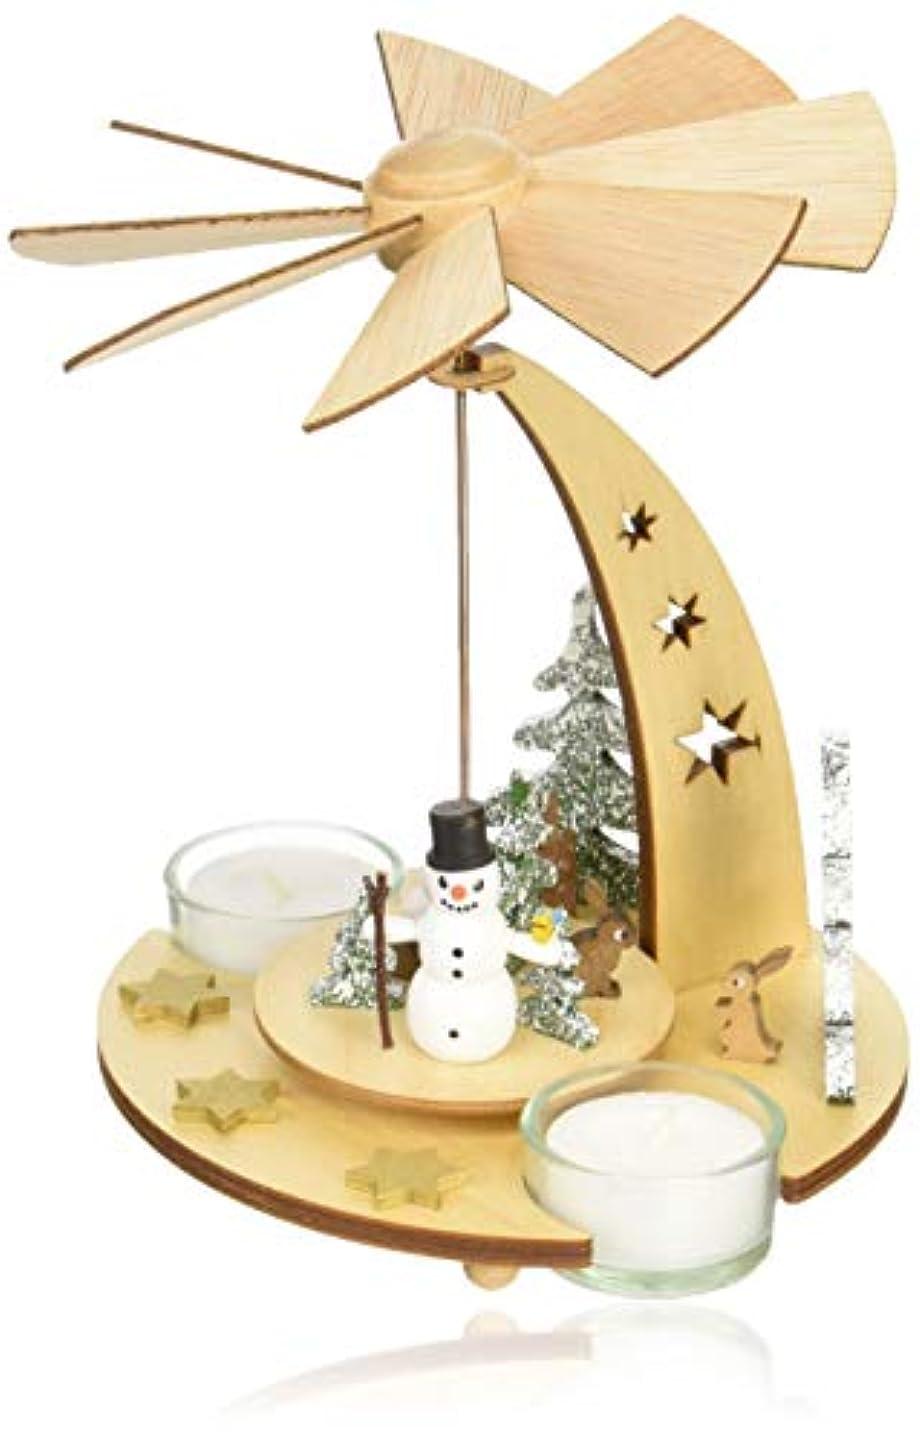 準備ができてオリエントより良いkuhnert クリスマスピラミッド スノーマン